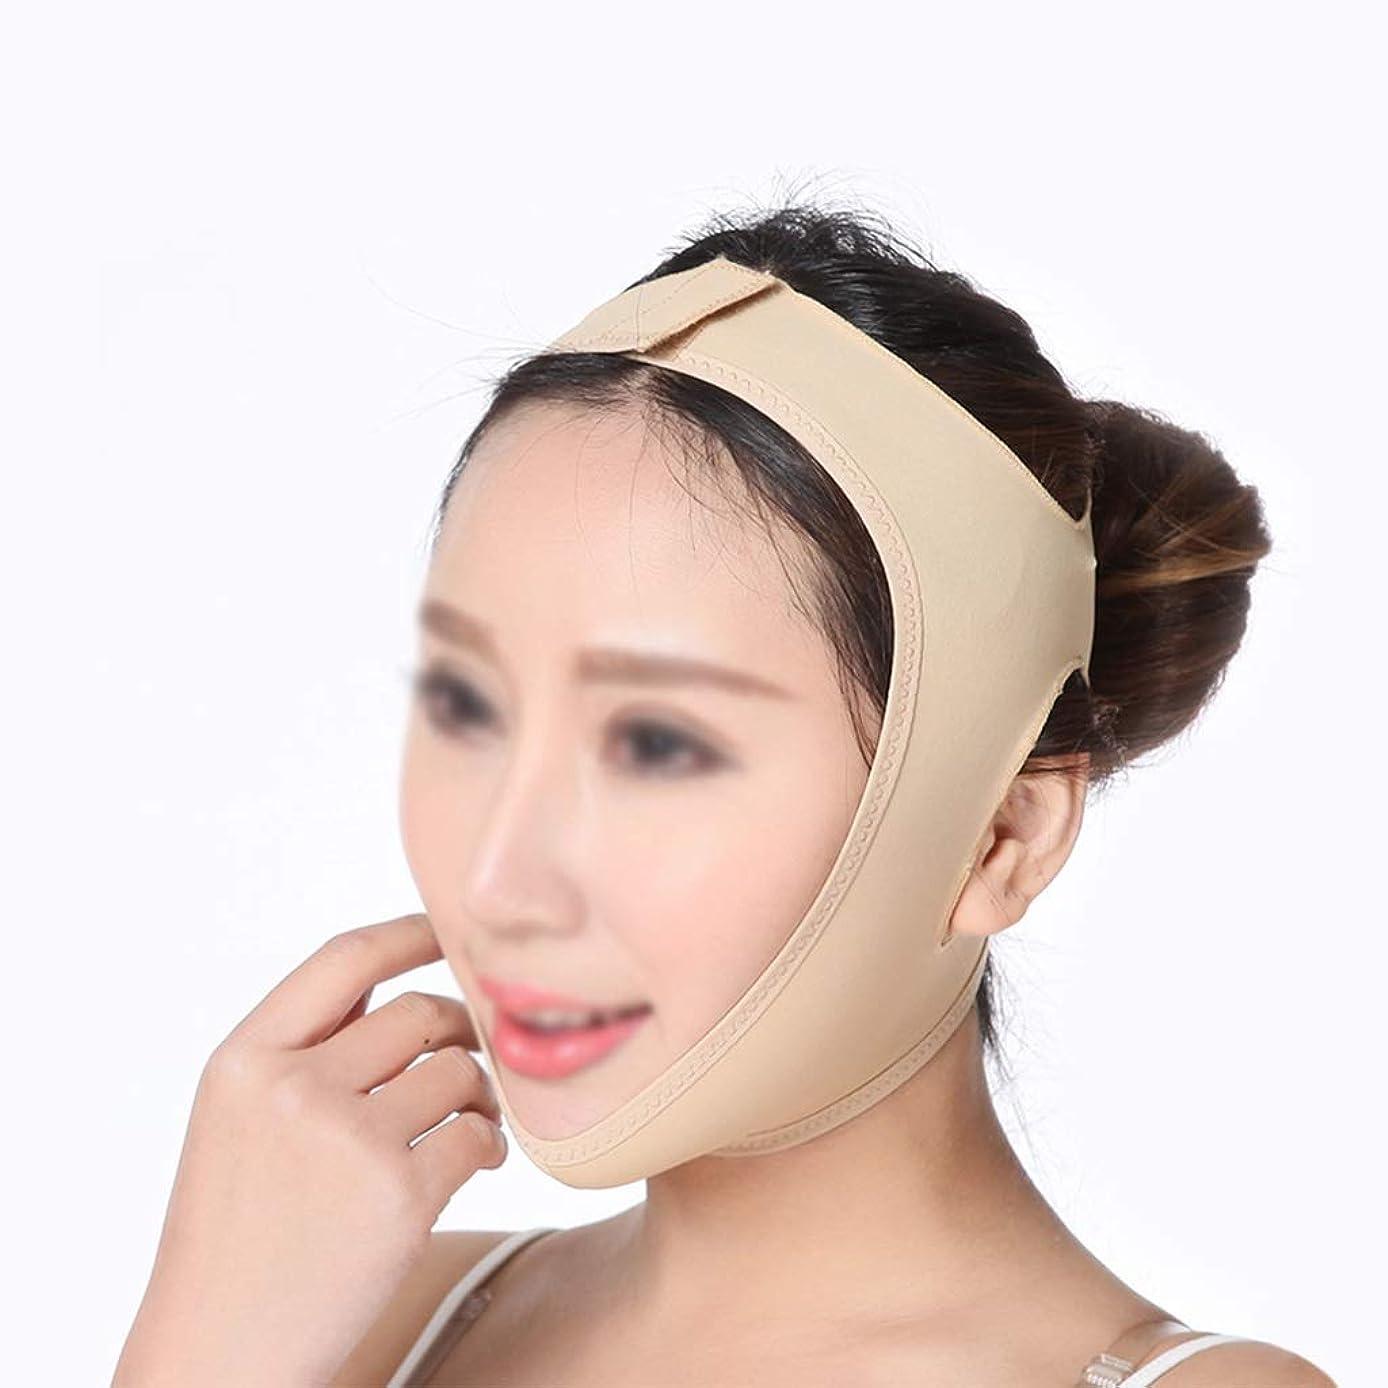 始まりポーチトランペットフェイシャルチークリフティングマスク、ダブルチンとフェイス、フェイスリフト包帯を効果的に改善、ダブルチン を減らす (Size : L)